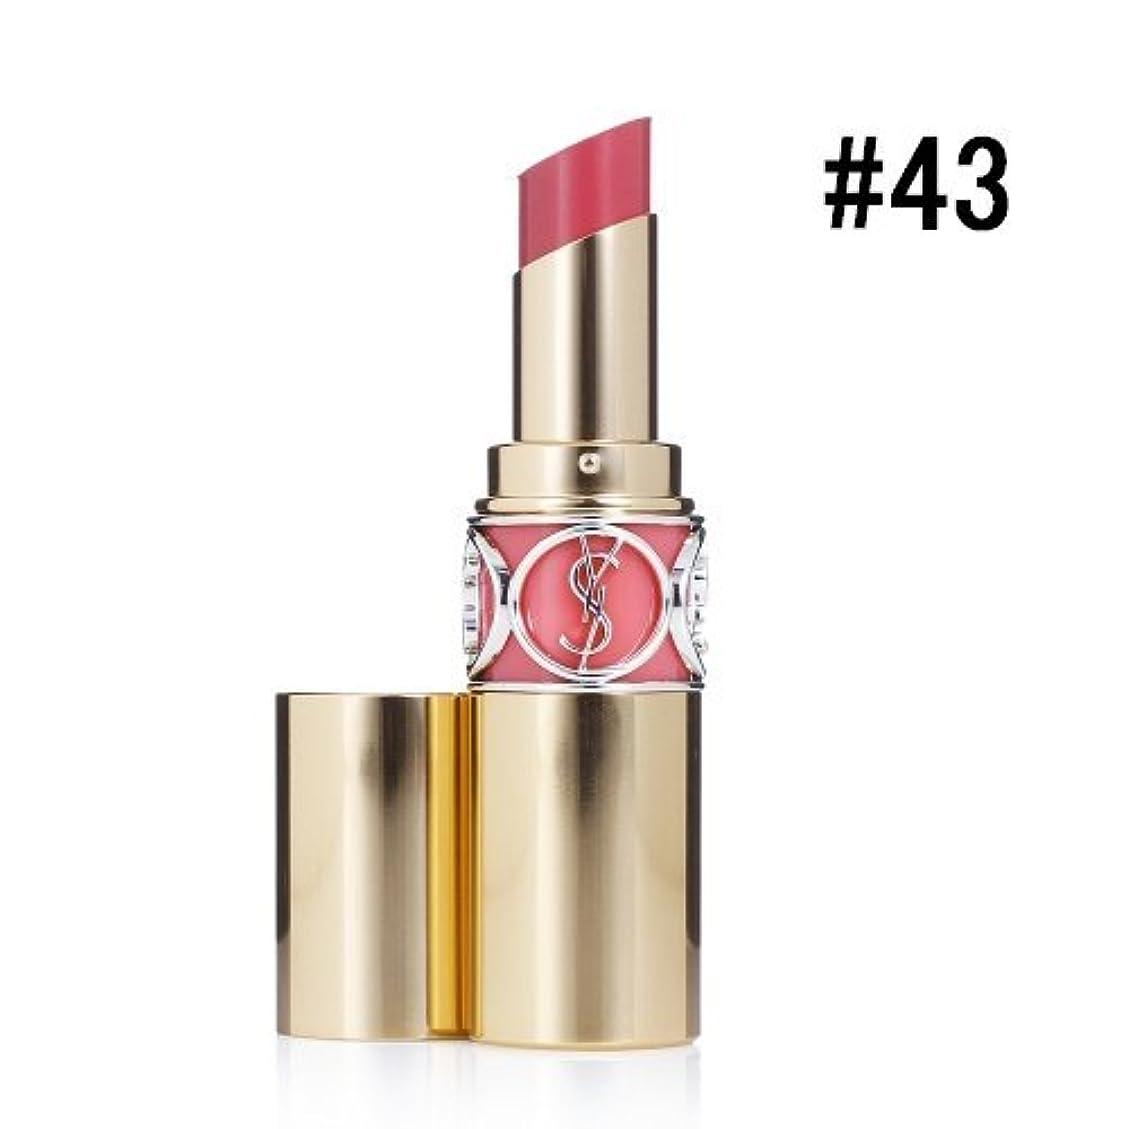 視聴者断言するライブイヴサンローラン(Yves Saint Laurent) ルージュ ヴォリュプテ シャイン #43 ROSE RIVE GAUCHE 4.5g [並行輸入品]